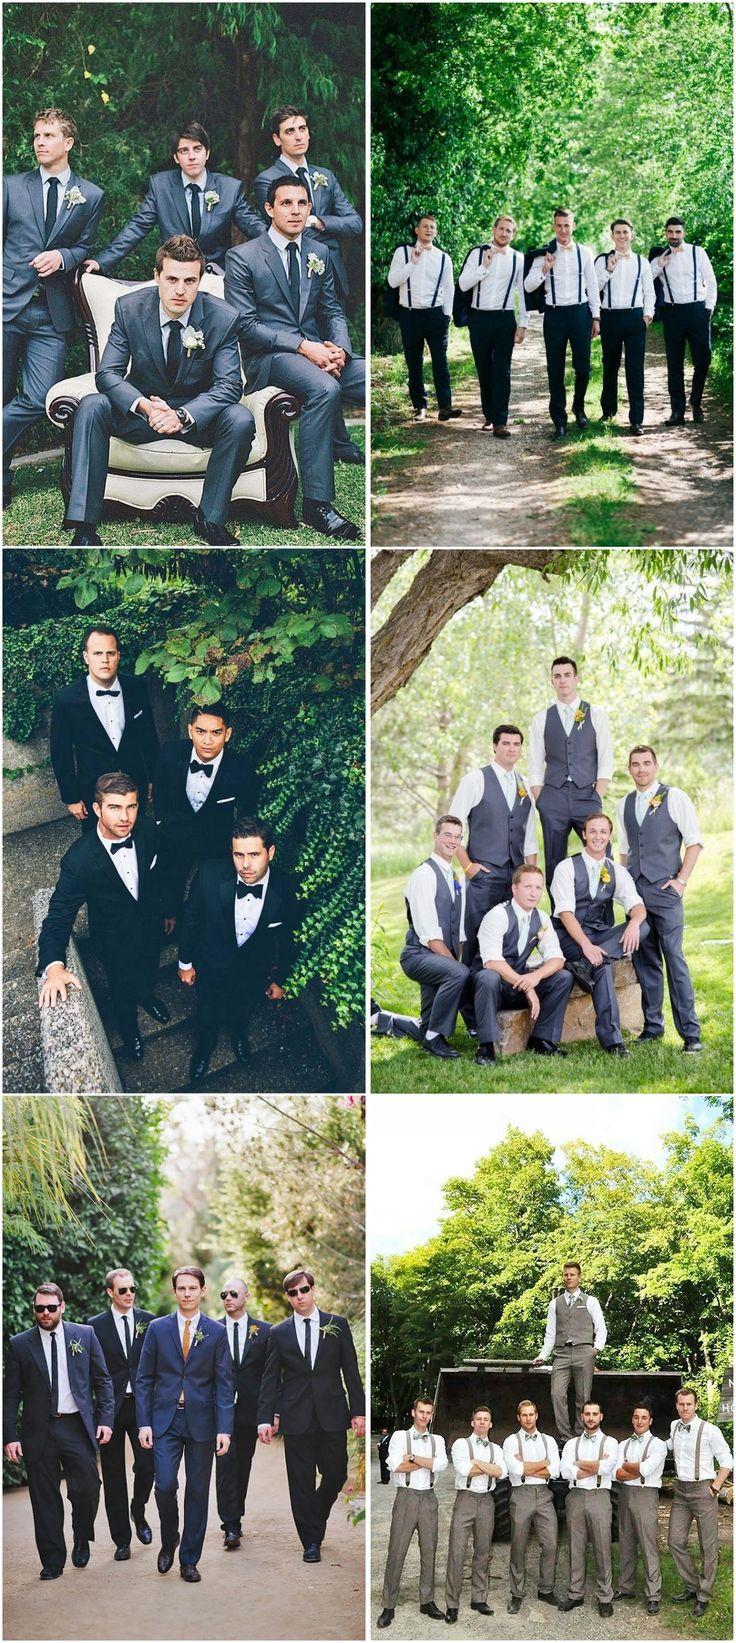 Creative Wedding Poses for Groomsmen #weddings #groom #groomsmen